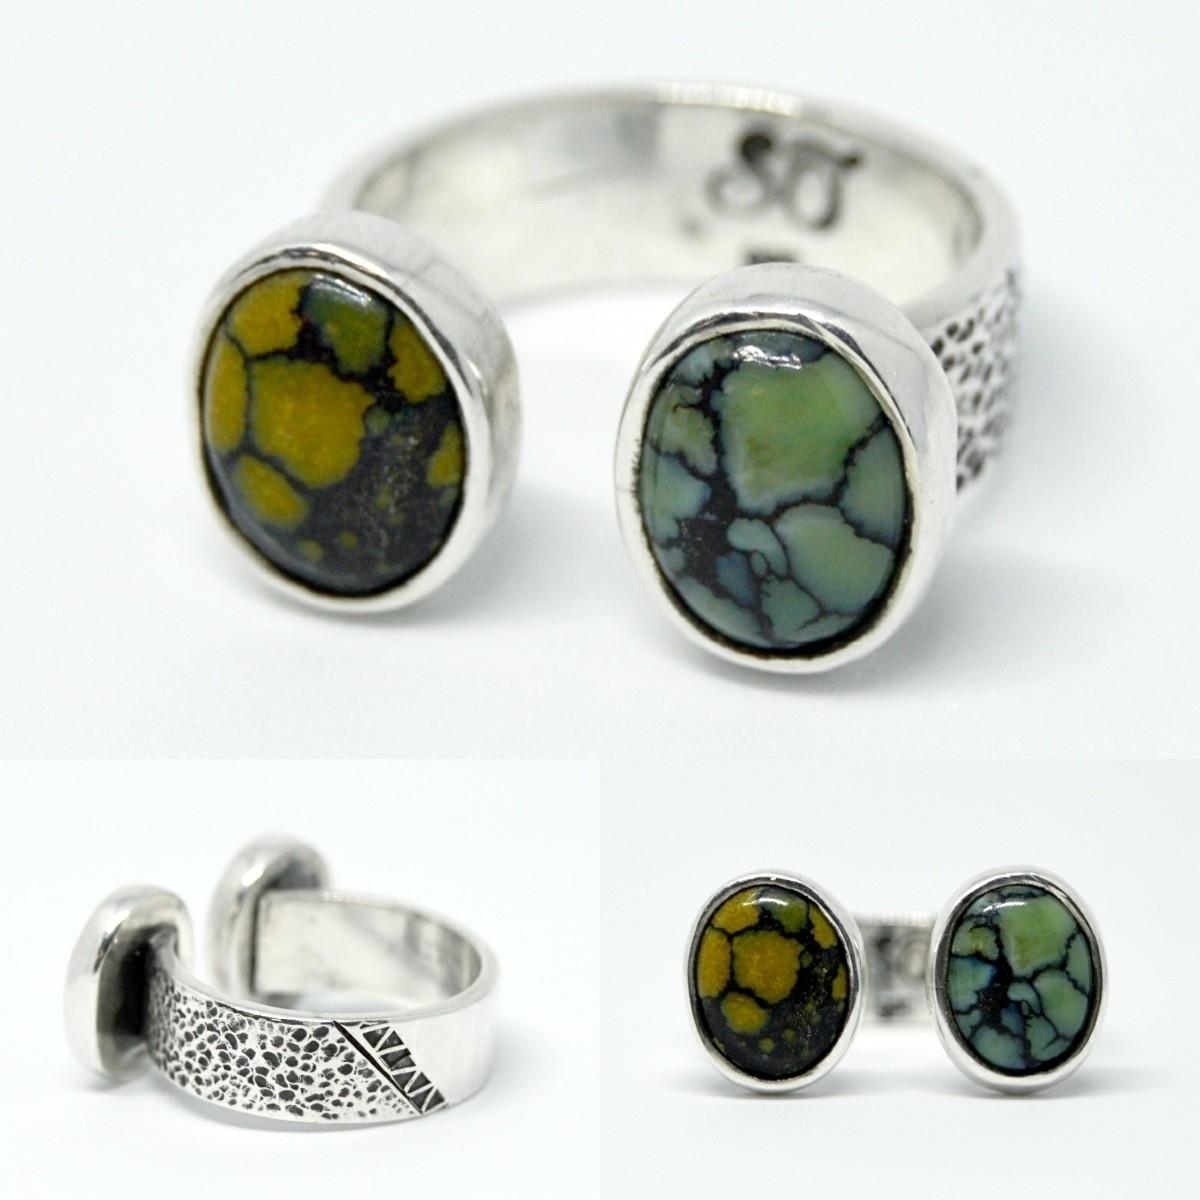 Size 7 shop - solidtreasuresjewelry   ello